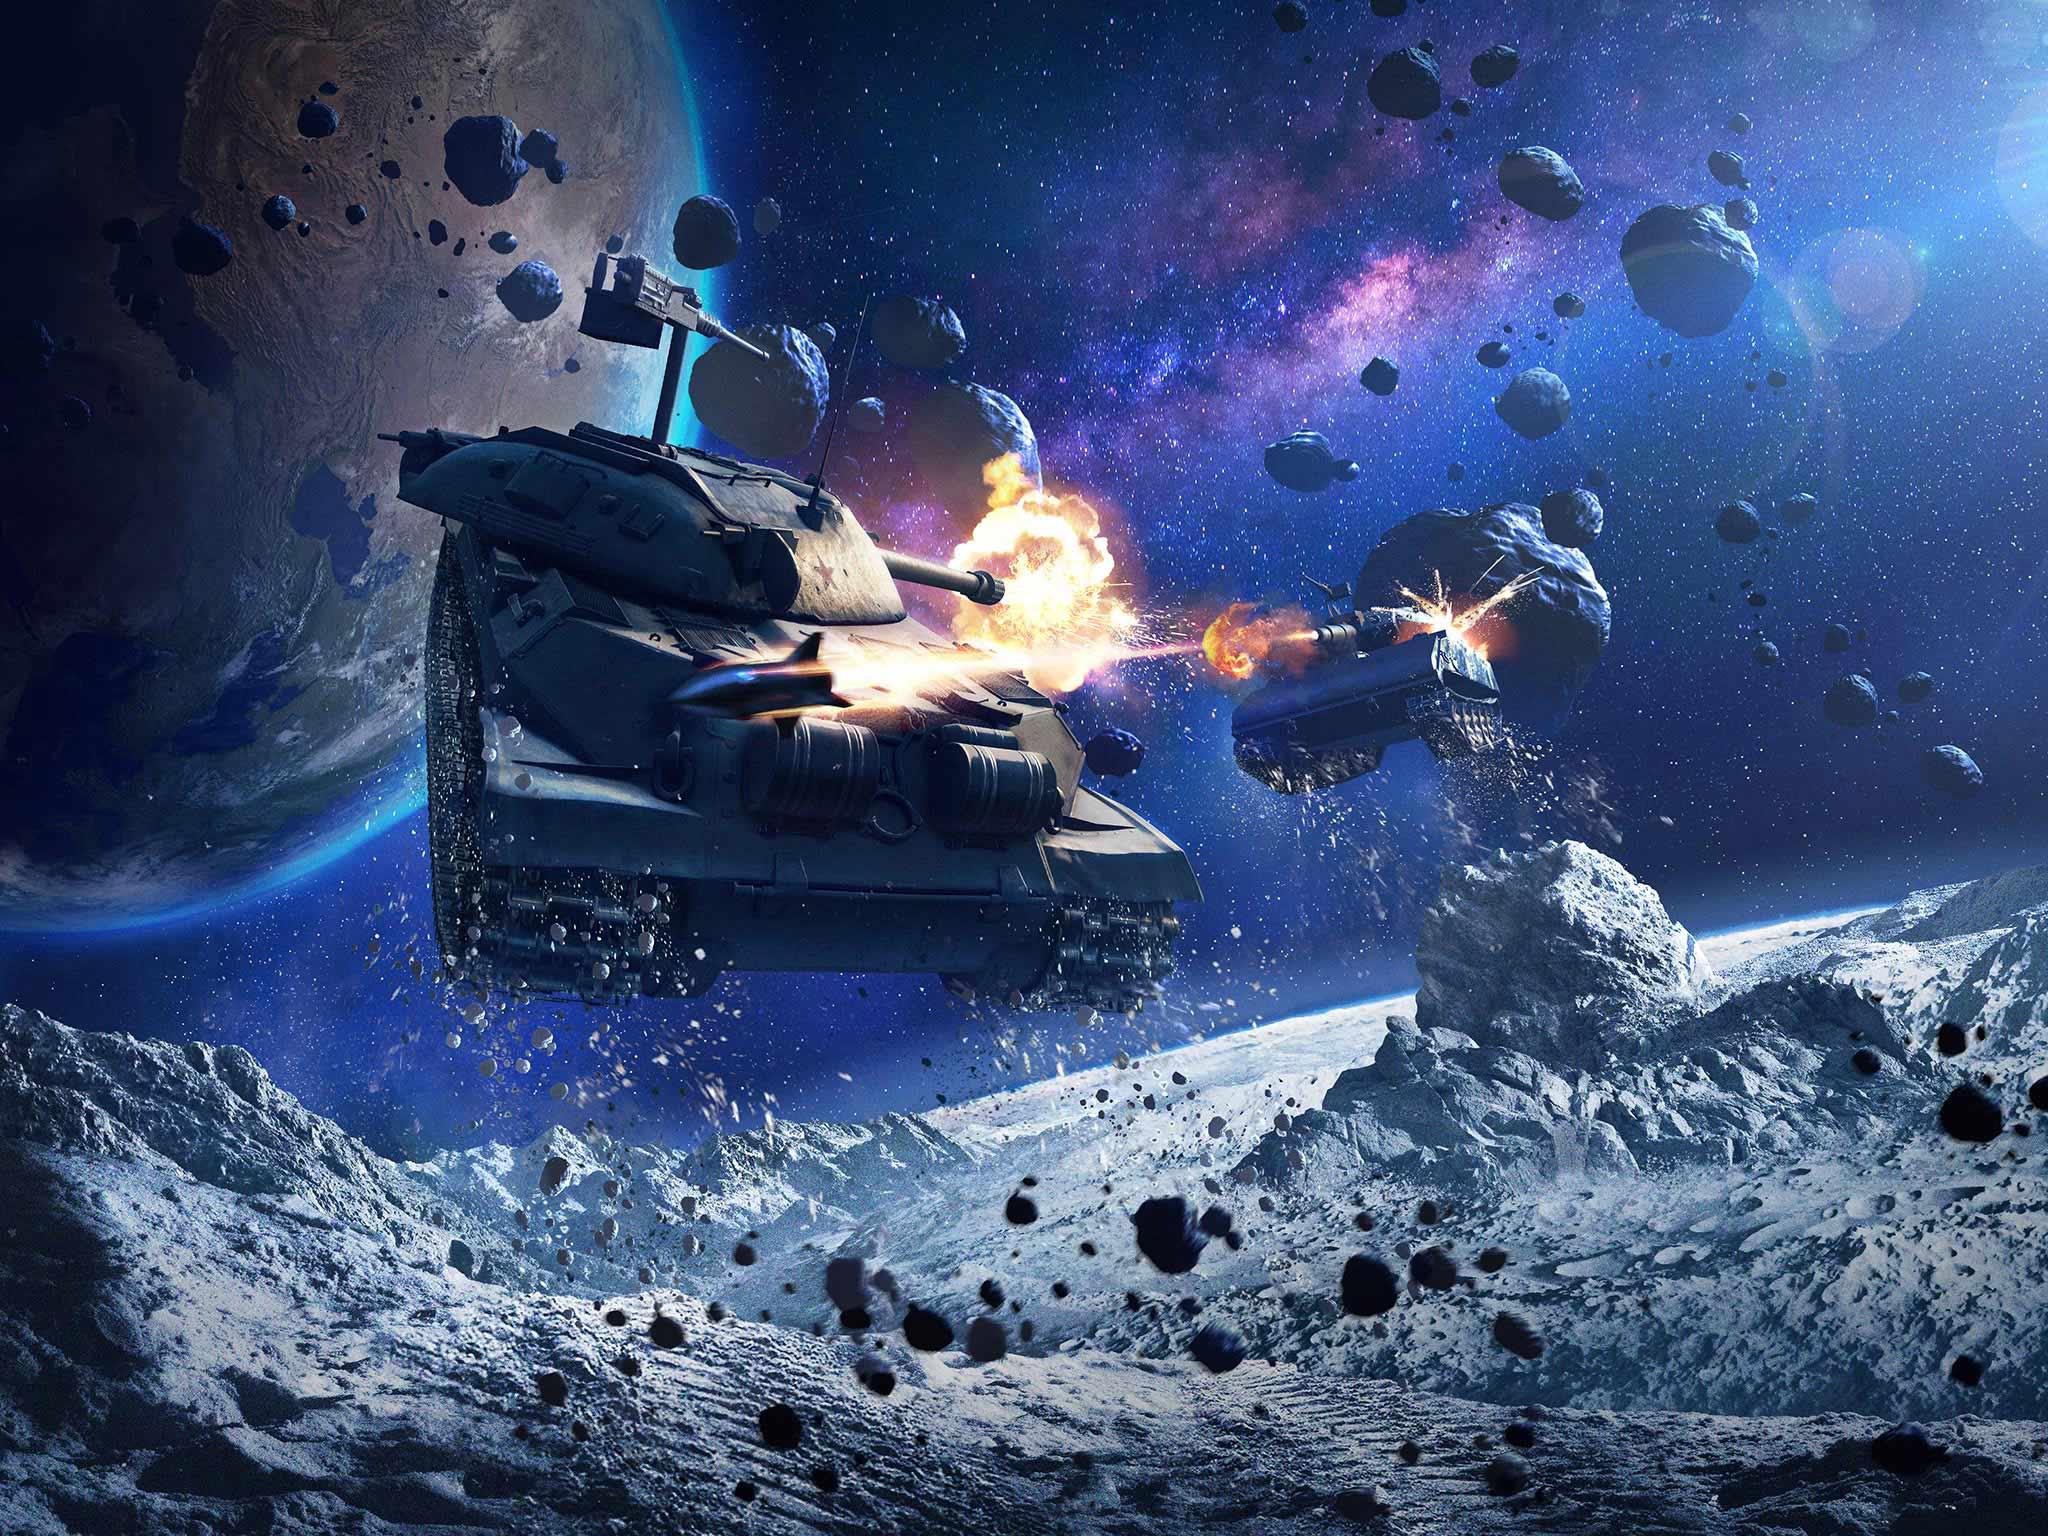 World of Tanks Blitz запускает режим 'Гравитация', участвуя в котором можно выиграть участок на настоящей Луне